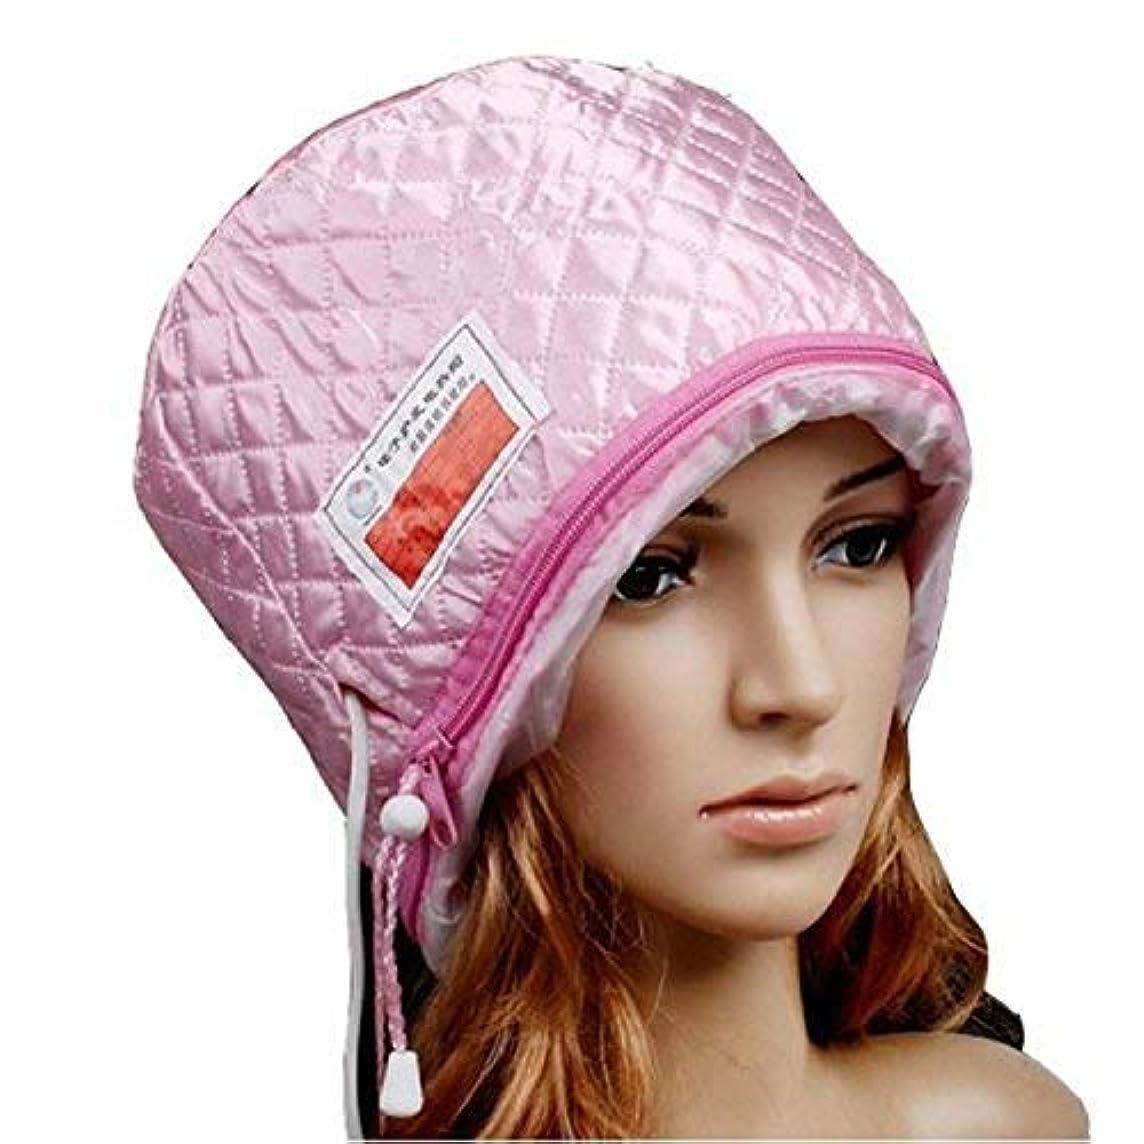 現実視聴者さておきセキュリティファッションヘアケアヘアメンブレンキャップ電気加熱キャップ美容スチーマー栄養帽子